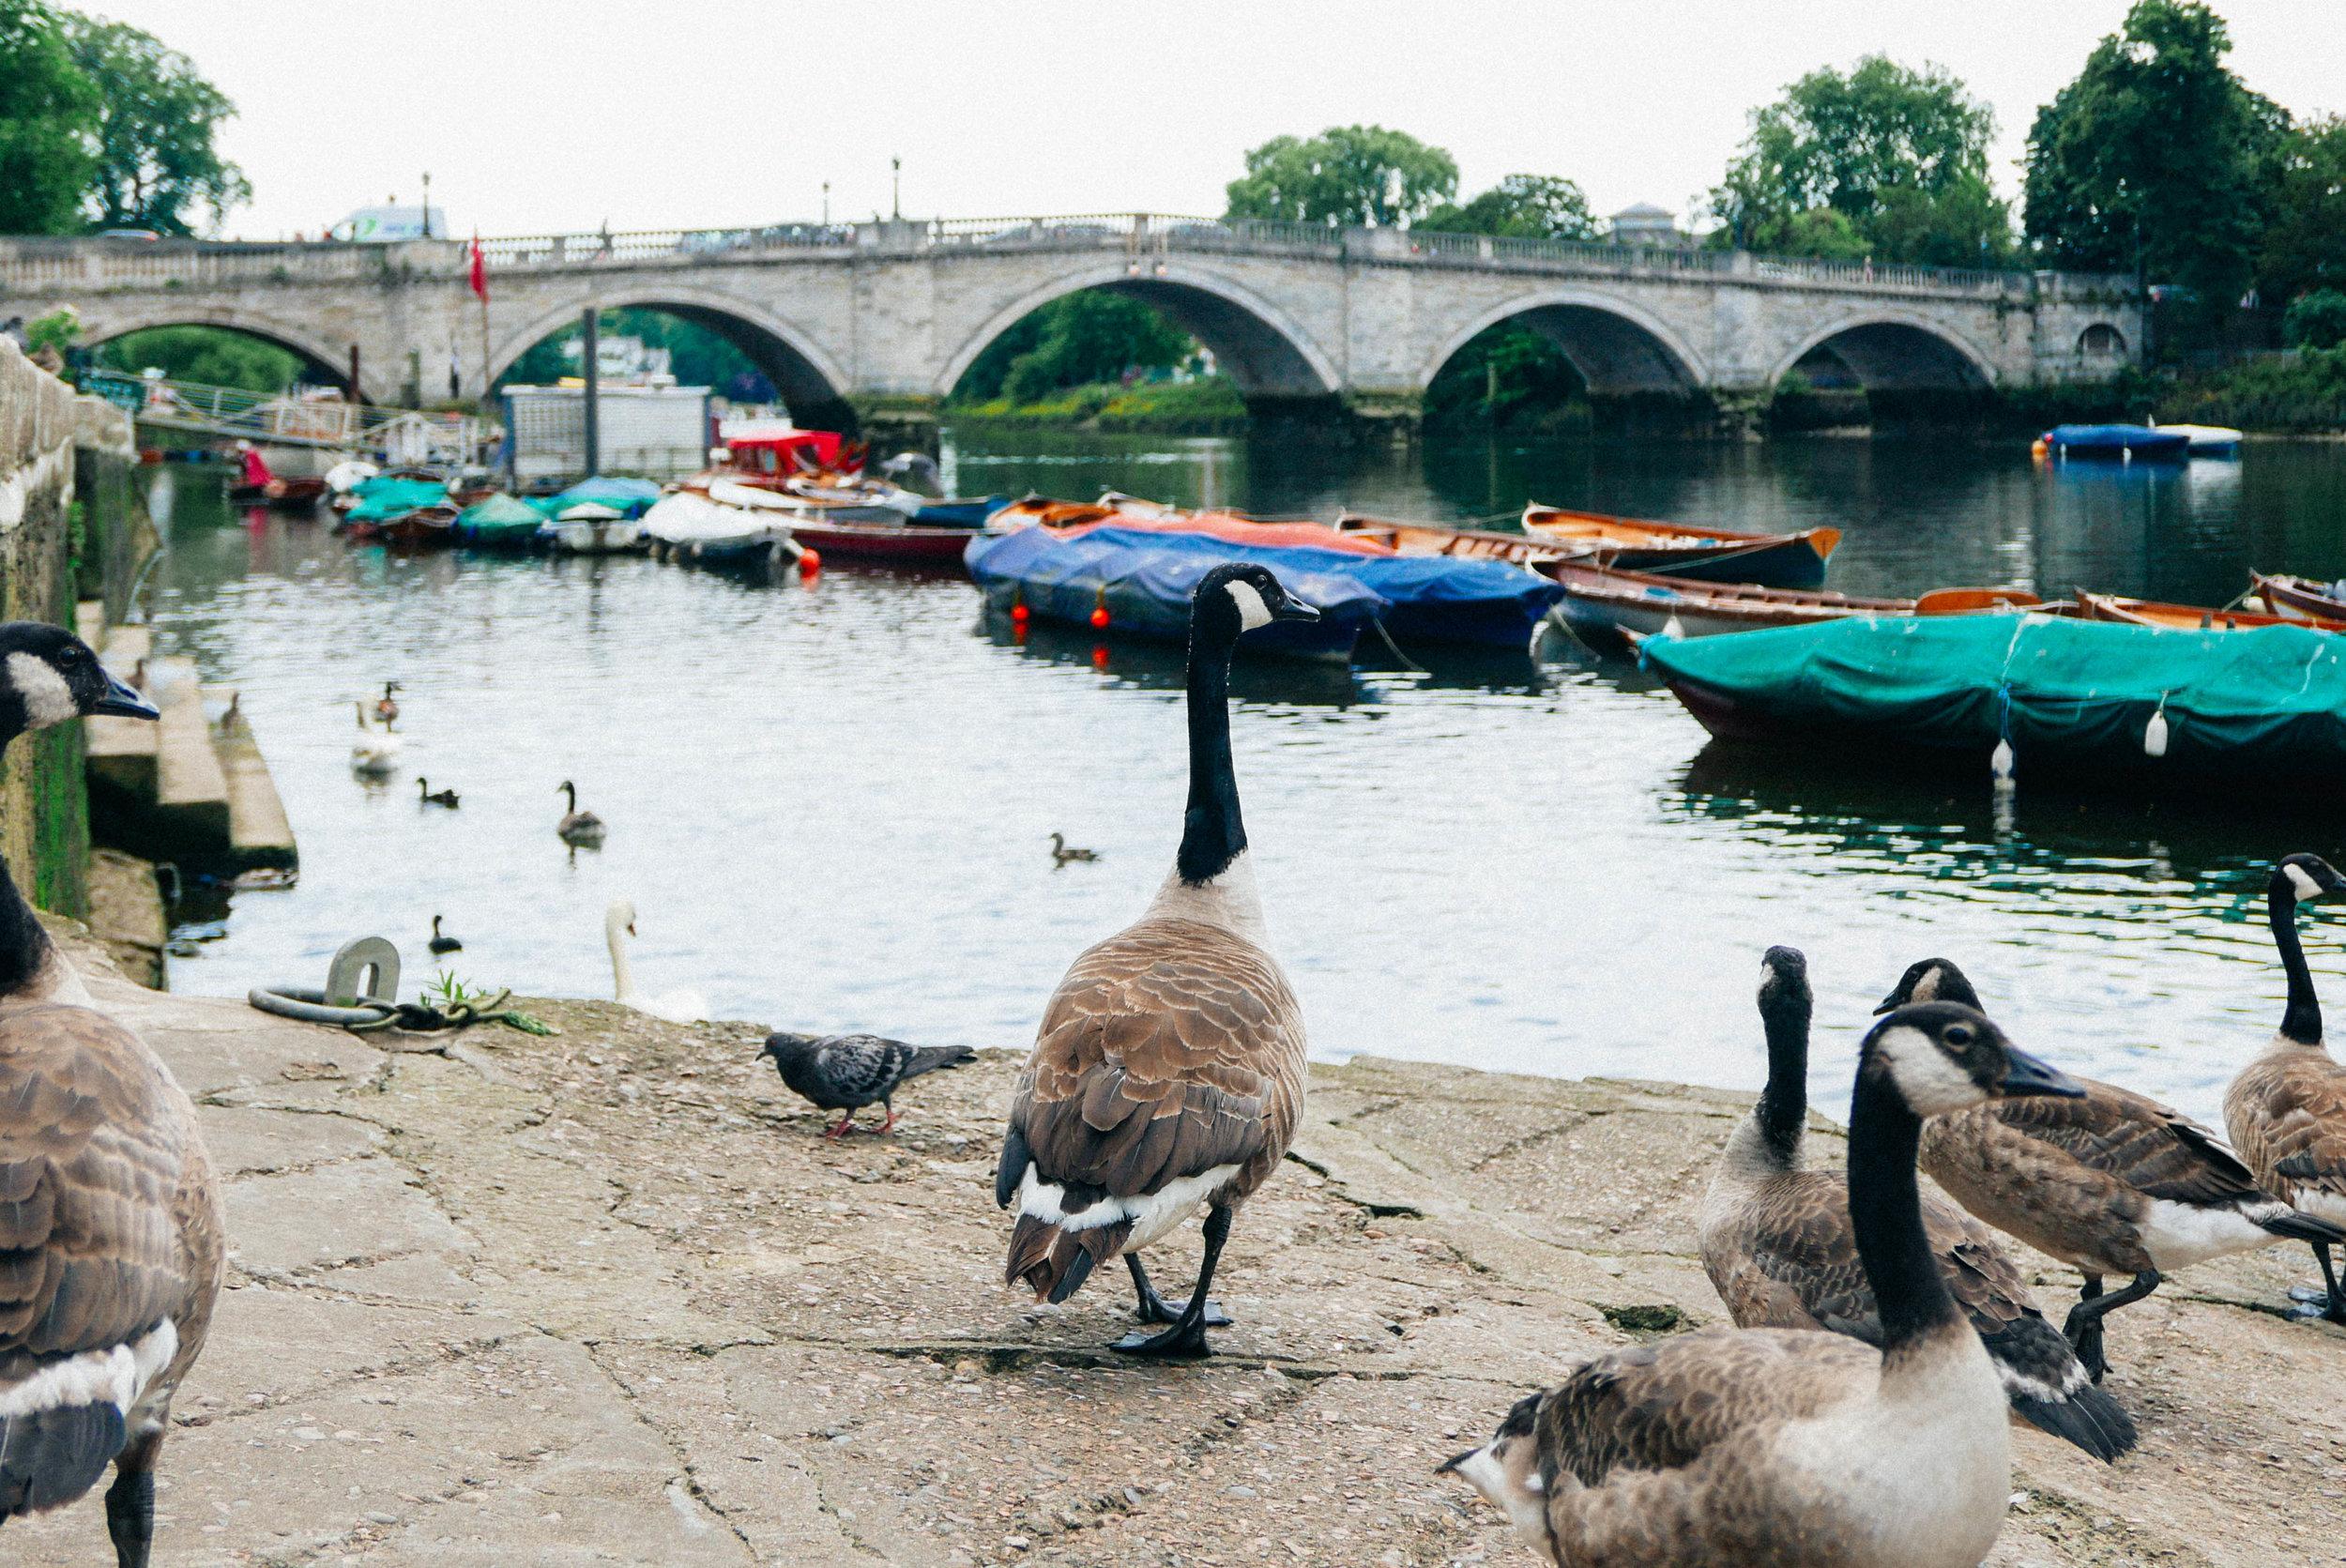 {Richmond Bridge - the oldest surviving Thames bridge in London}